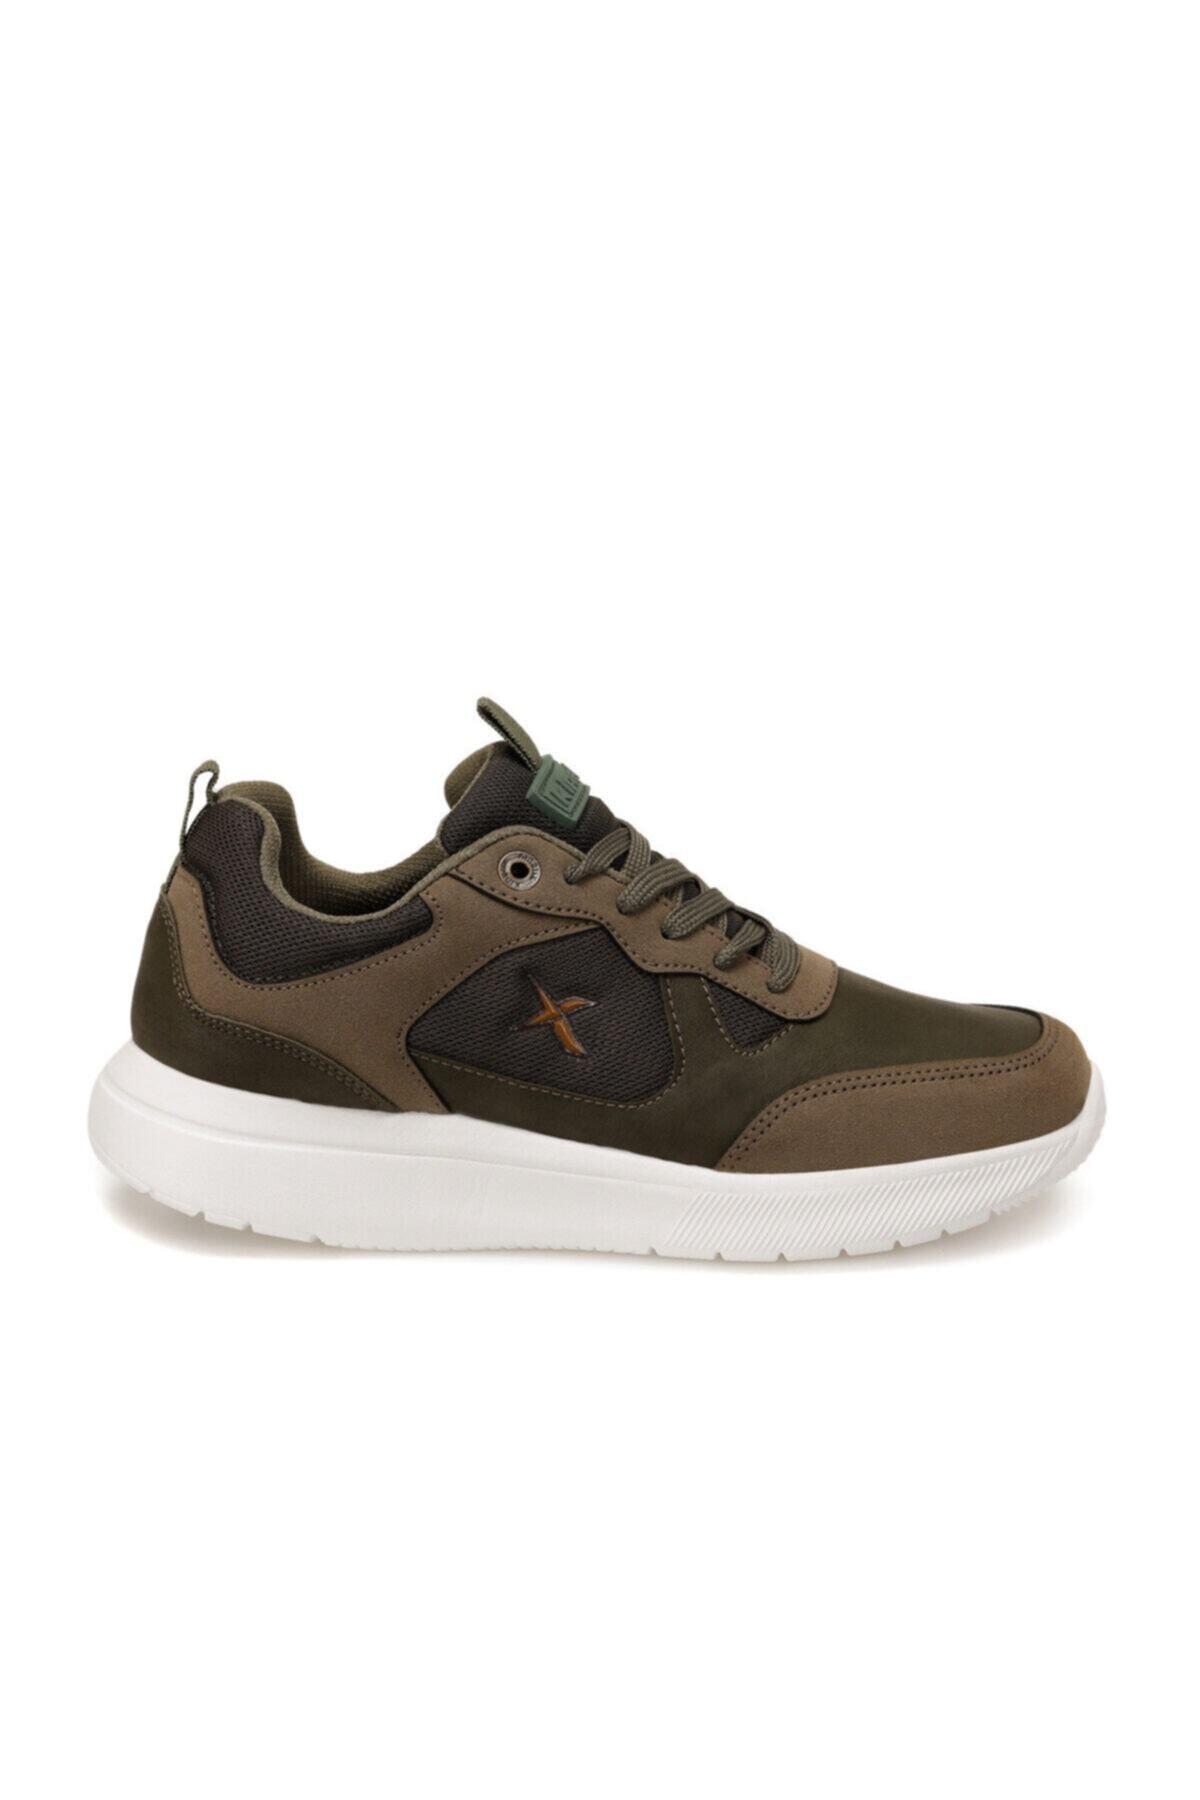 Kinetix MUNDU Haki Erkek Kalın Taban Sneaker Spor Ayakkabı 100552229 2